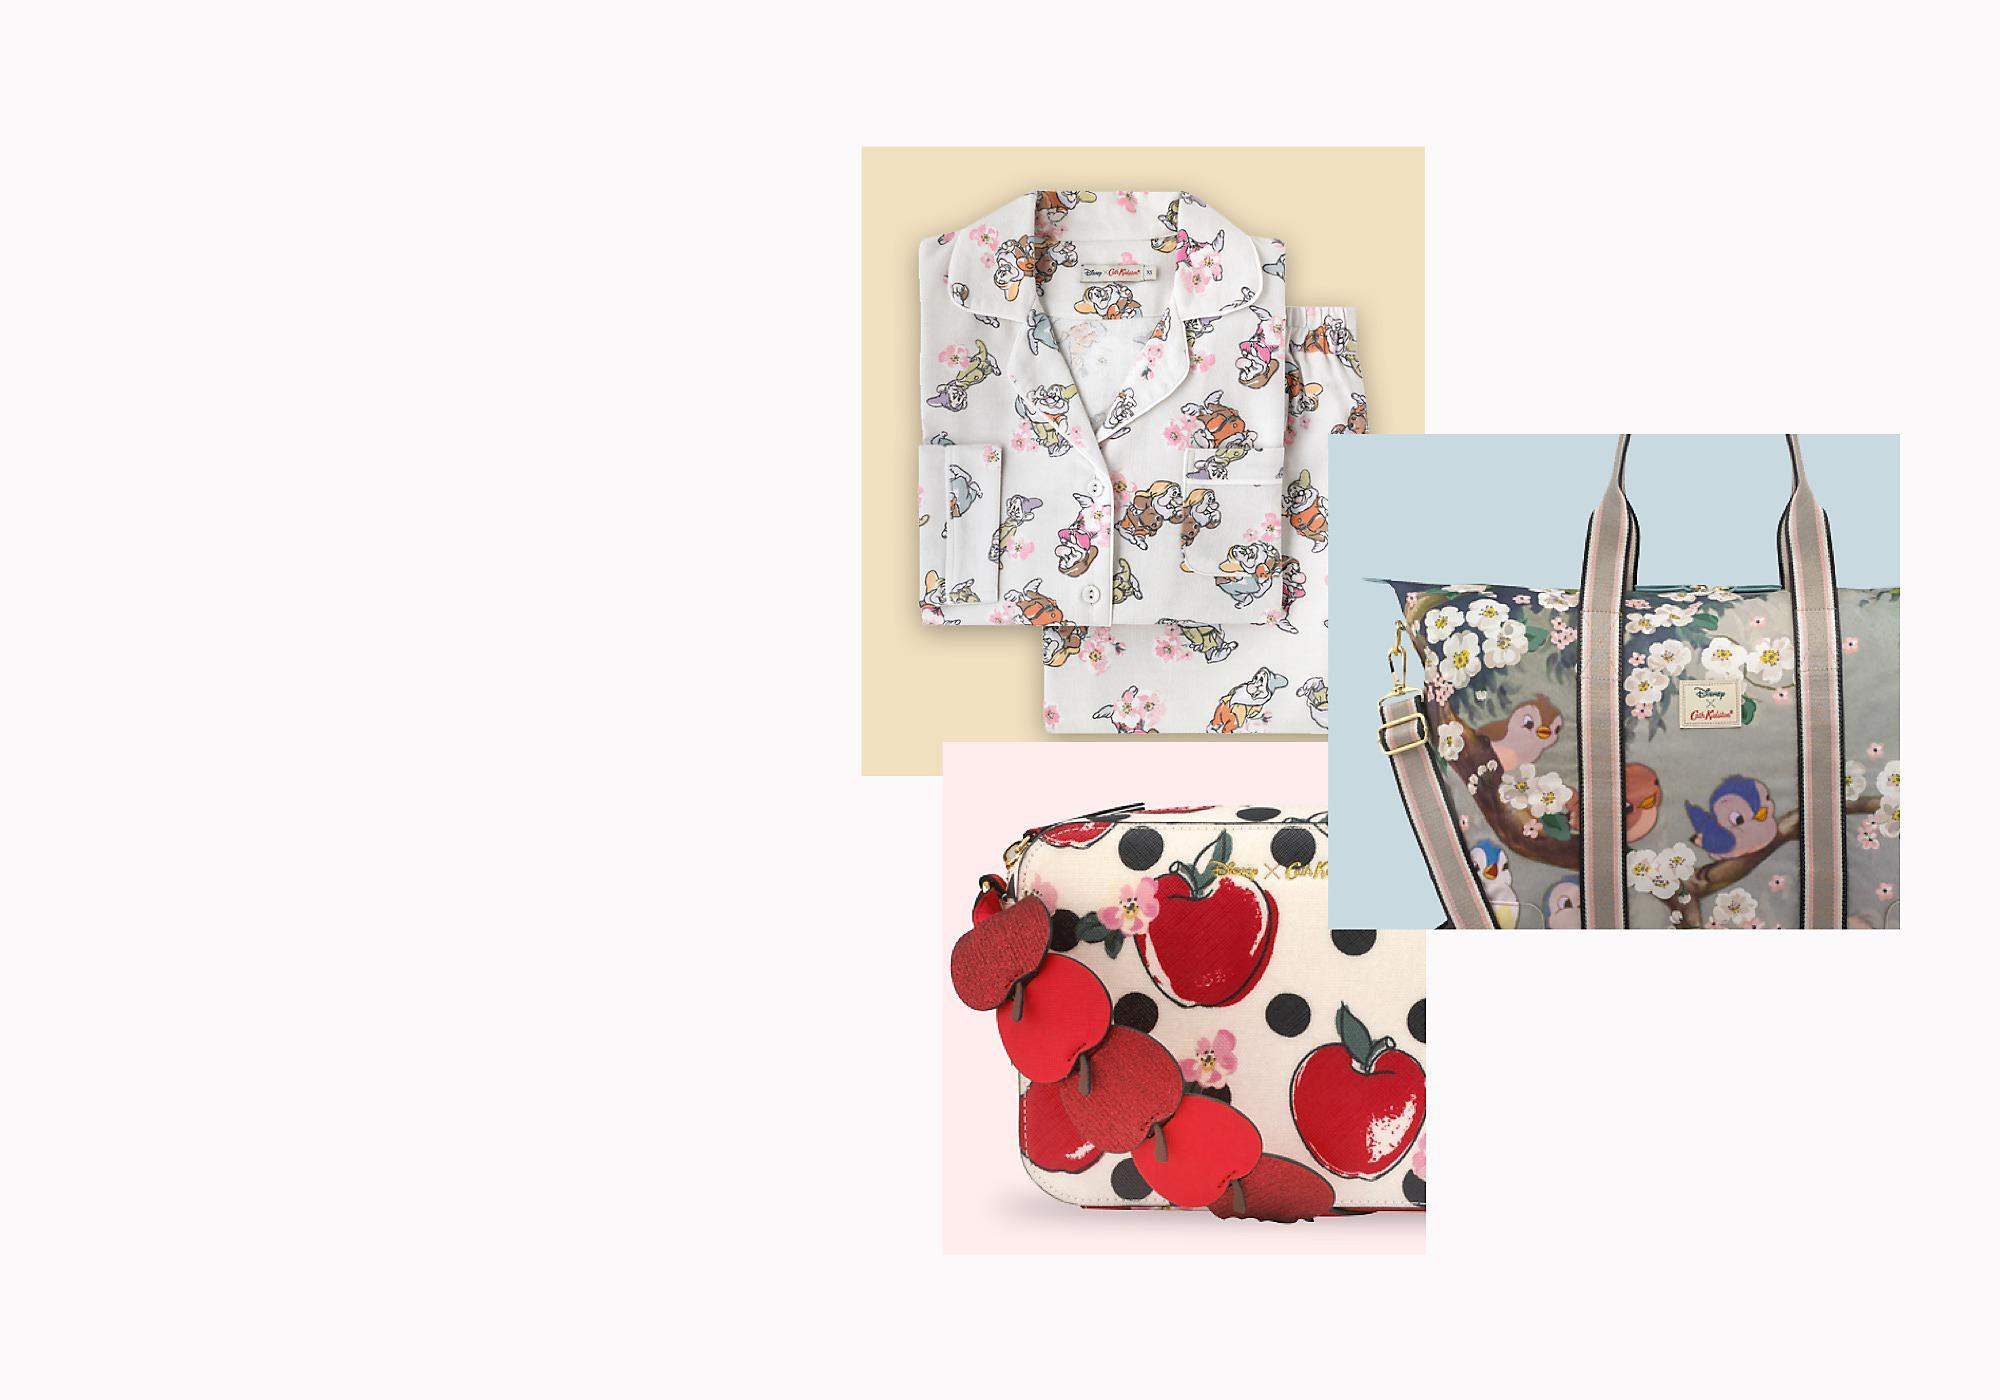 La più bella collezione del Reame Scopri la nostra collezione Cath Kidston x Disney Snow White: troverai abbigliamento, accessori per te e per la casa e molto altro ancora, tutto ispirato alla splendida Biancaneve